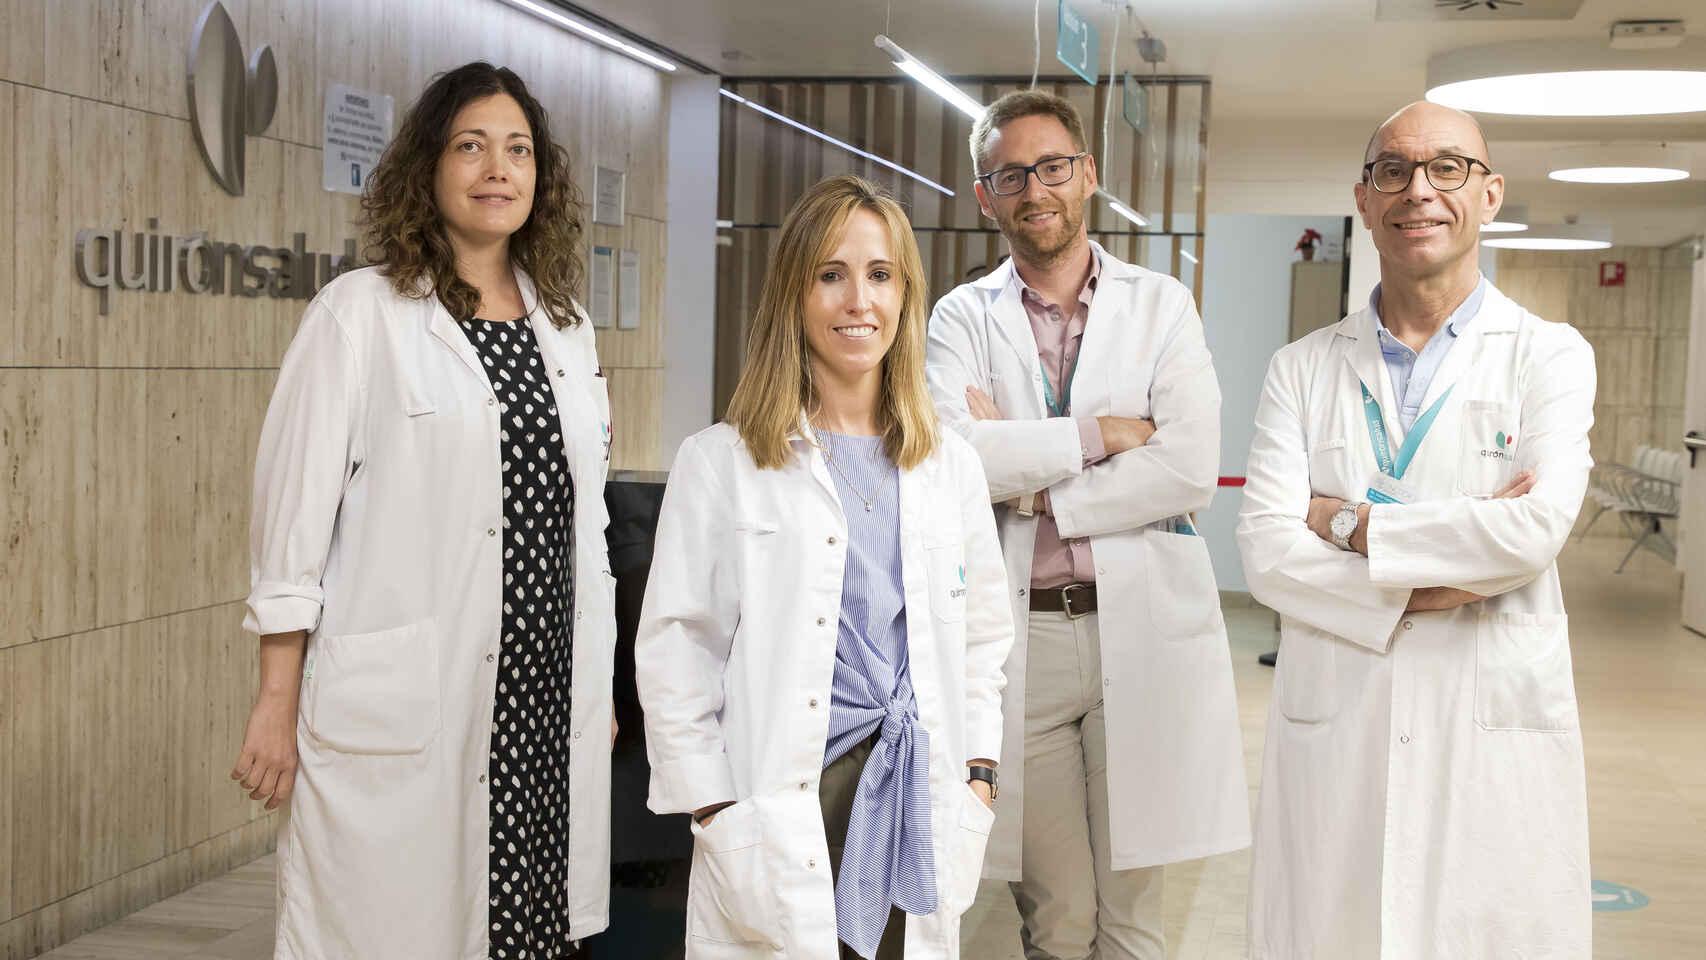 El abordaje multidisciplinar del cancer de tiroides, clave para un buen pronostico